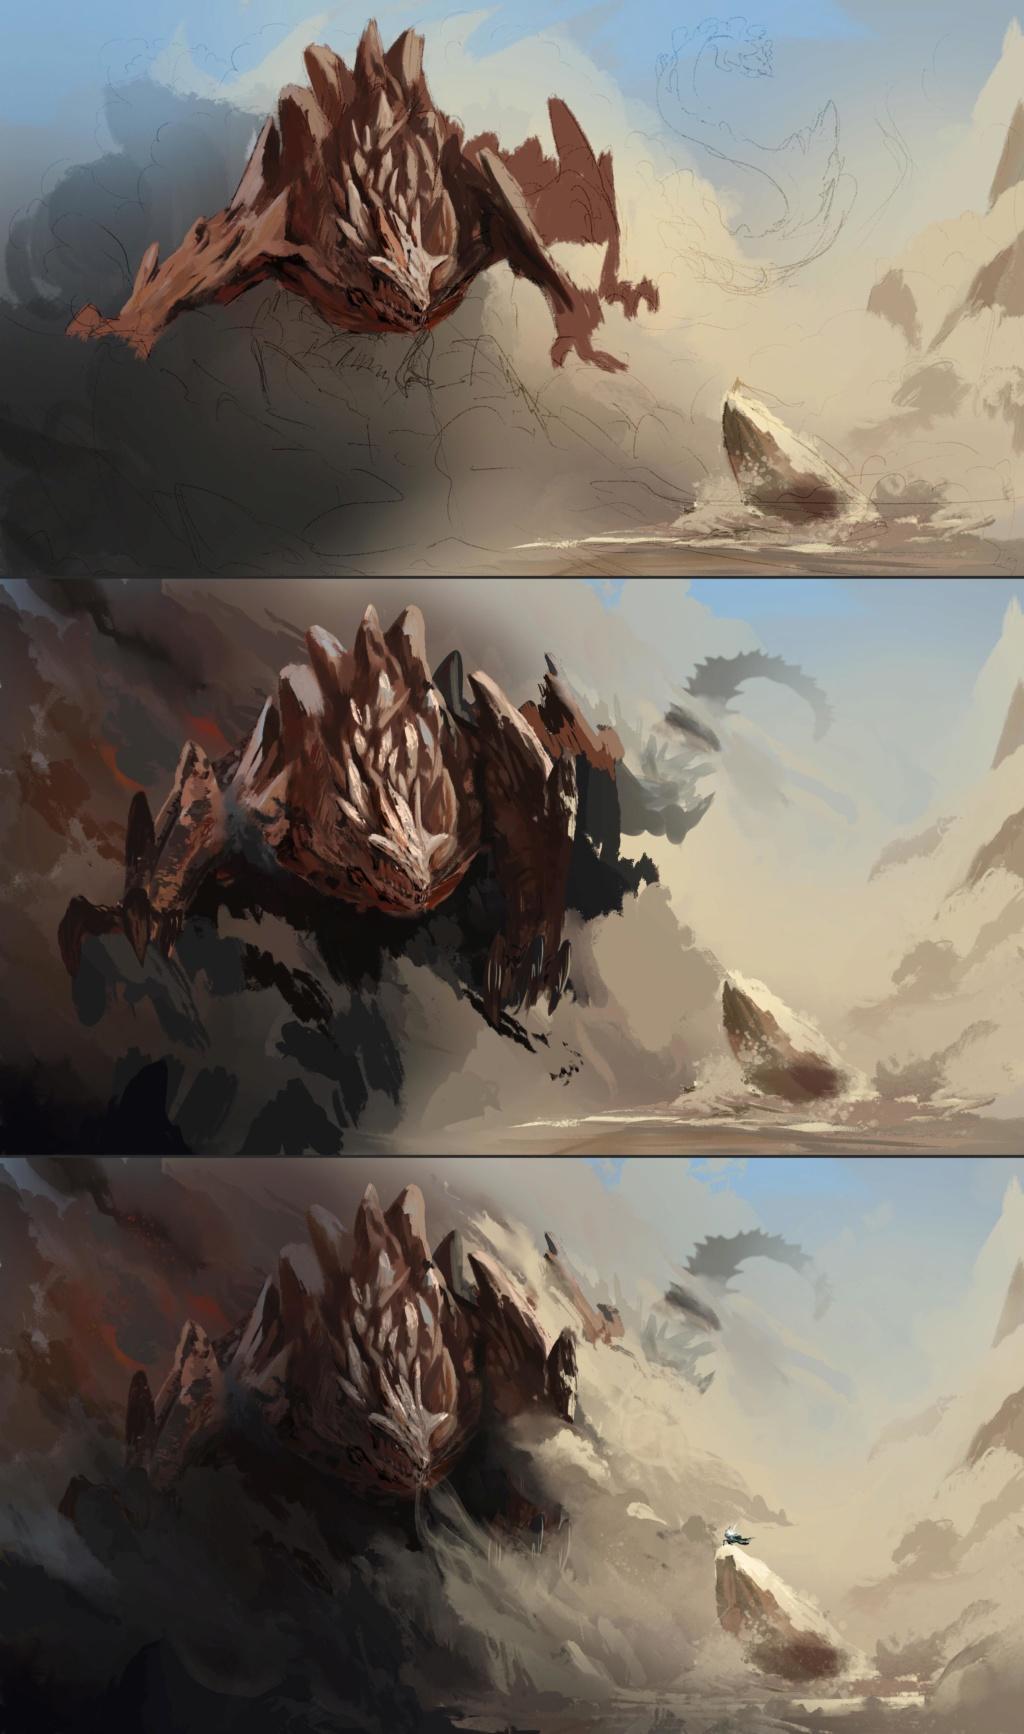 Les images de Gengis - Page 2 Concep16